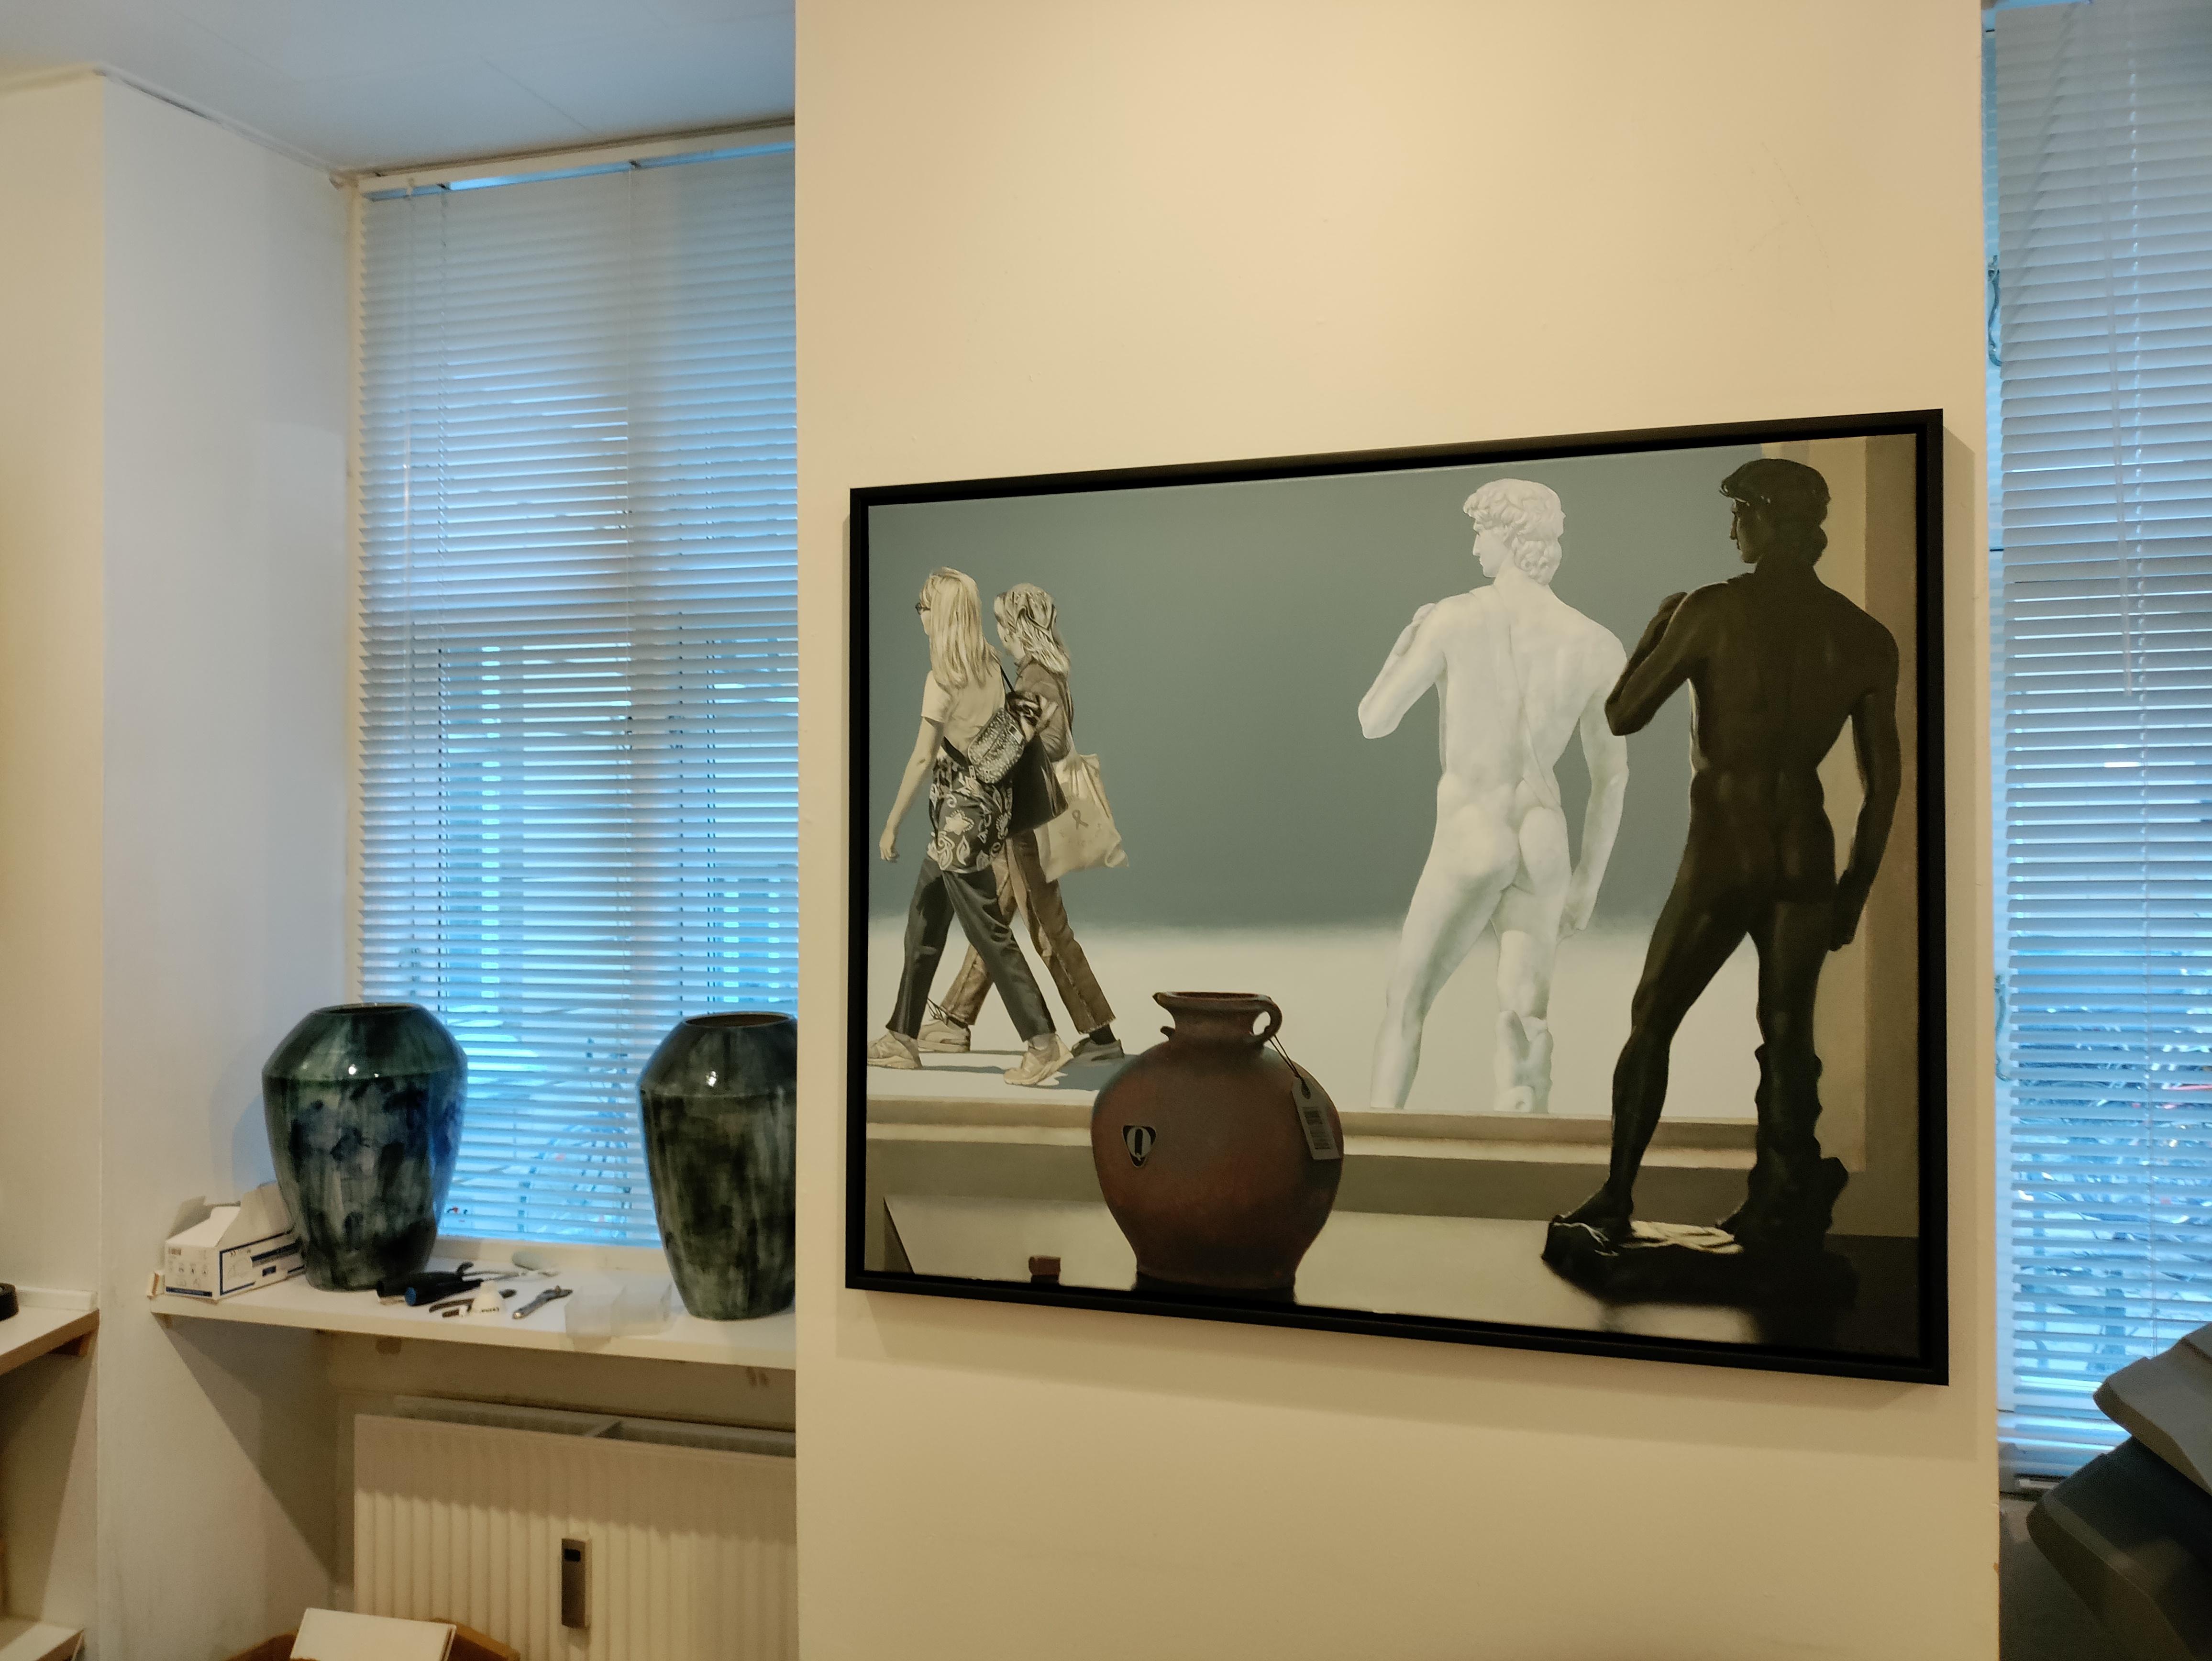 4-DVD-Krukker-paa-rad-Aleksander-Kosmala-og-Neel-Jans-foto-Inge-Schjoedt